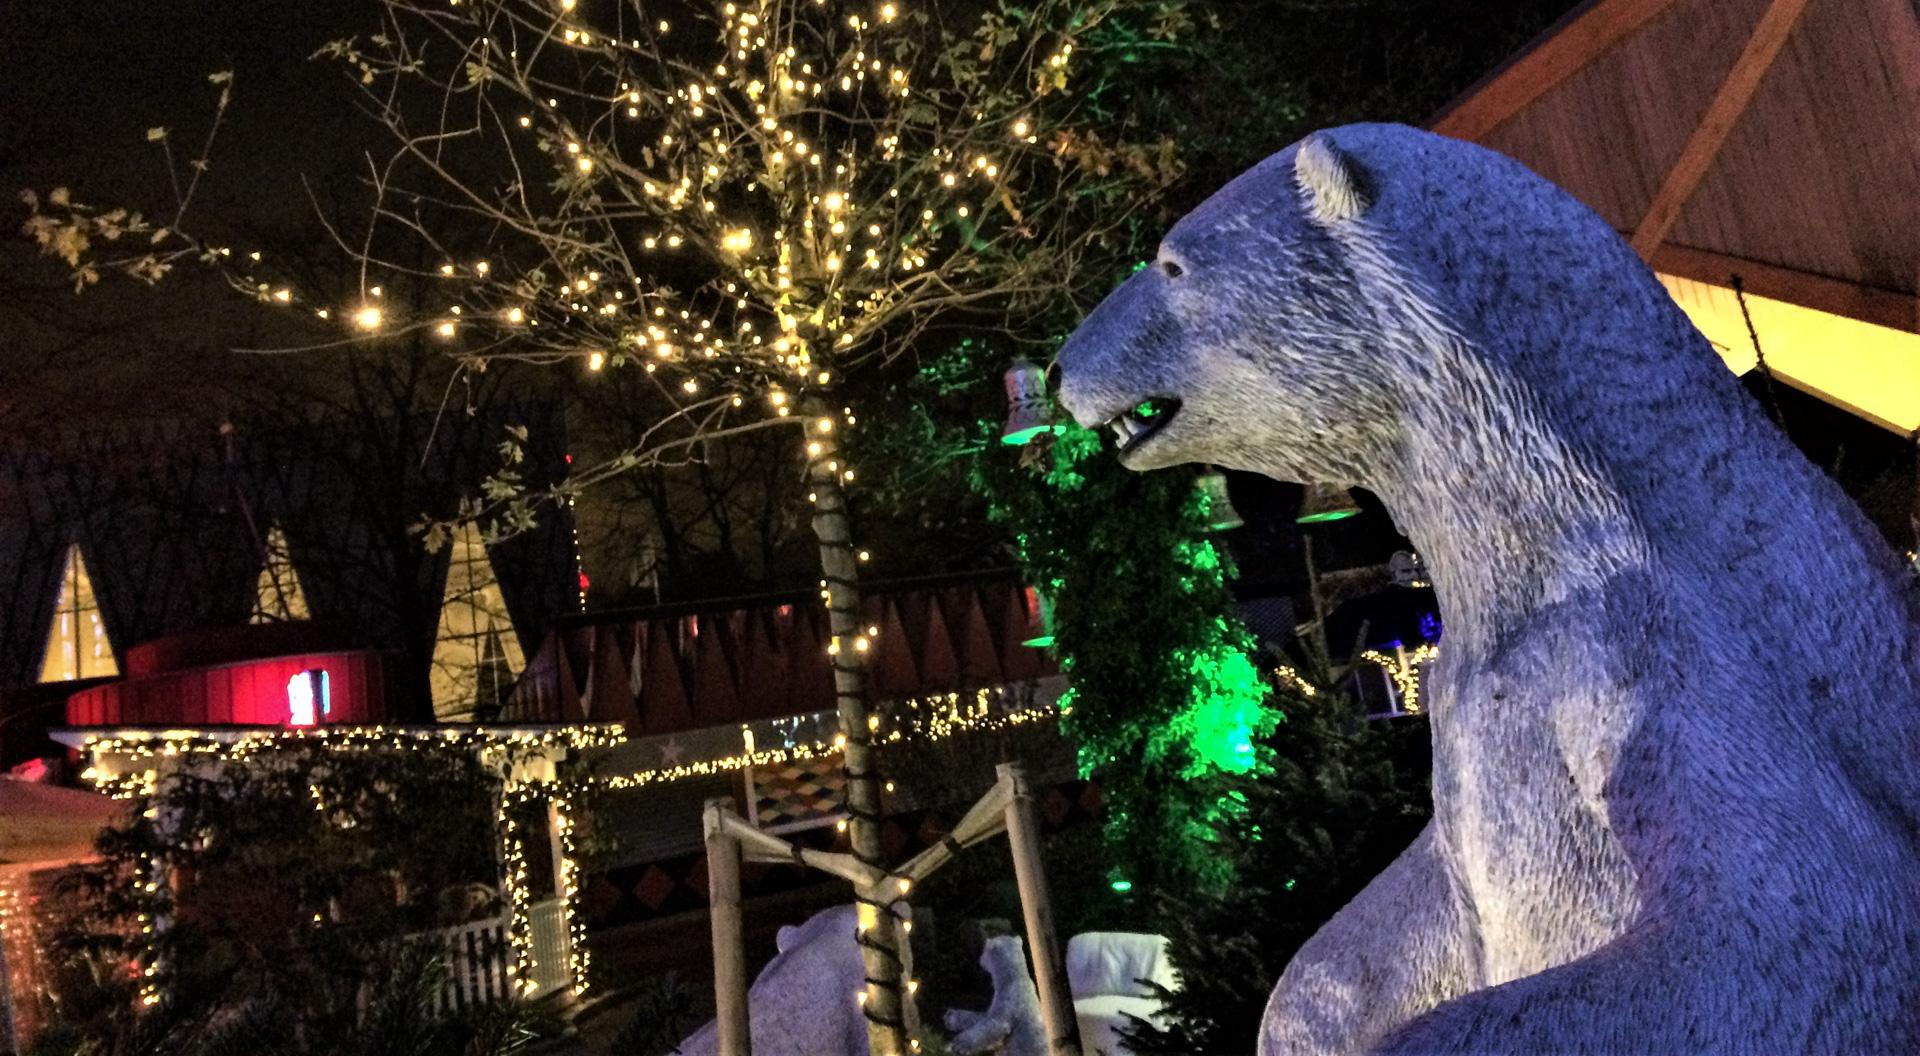 Nu tændes lysene: Julen funkler i Friheden